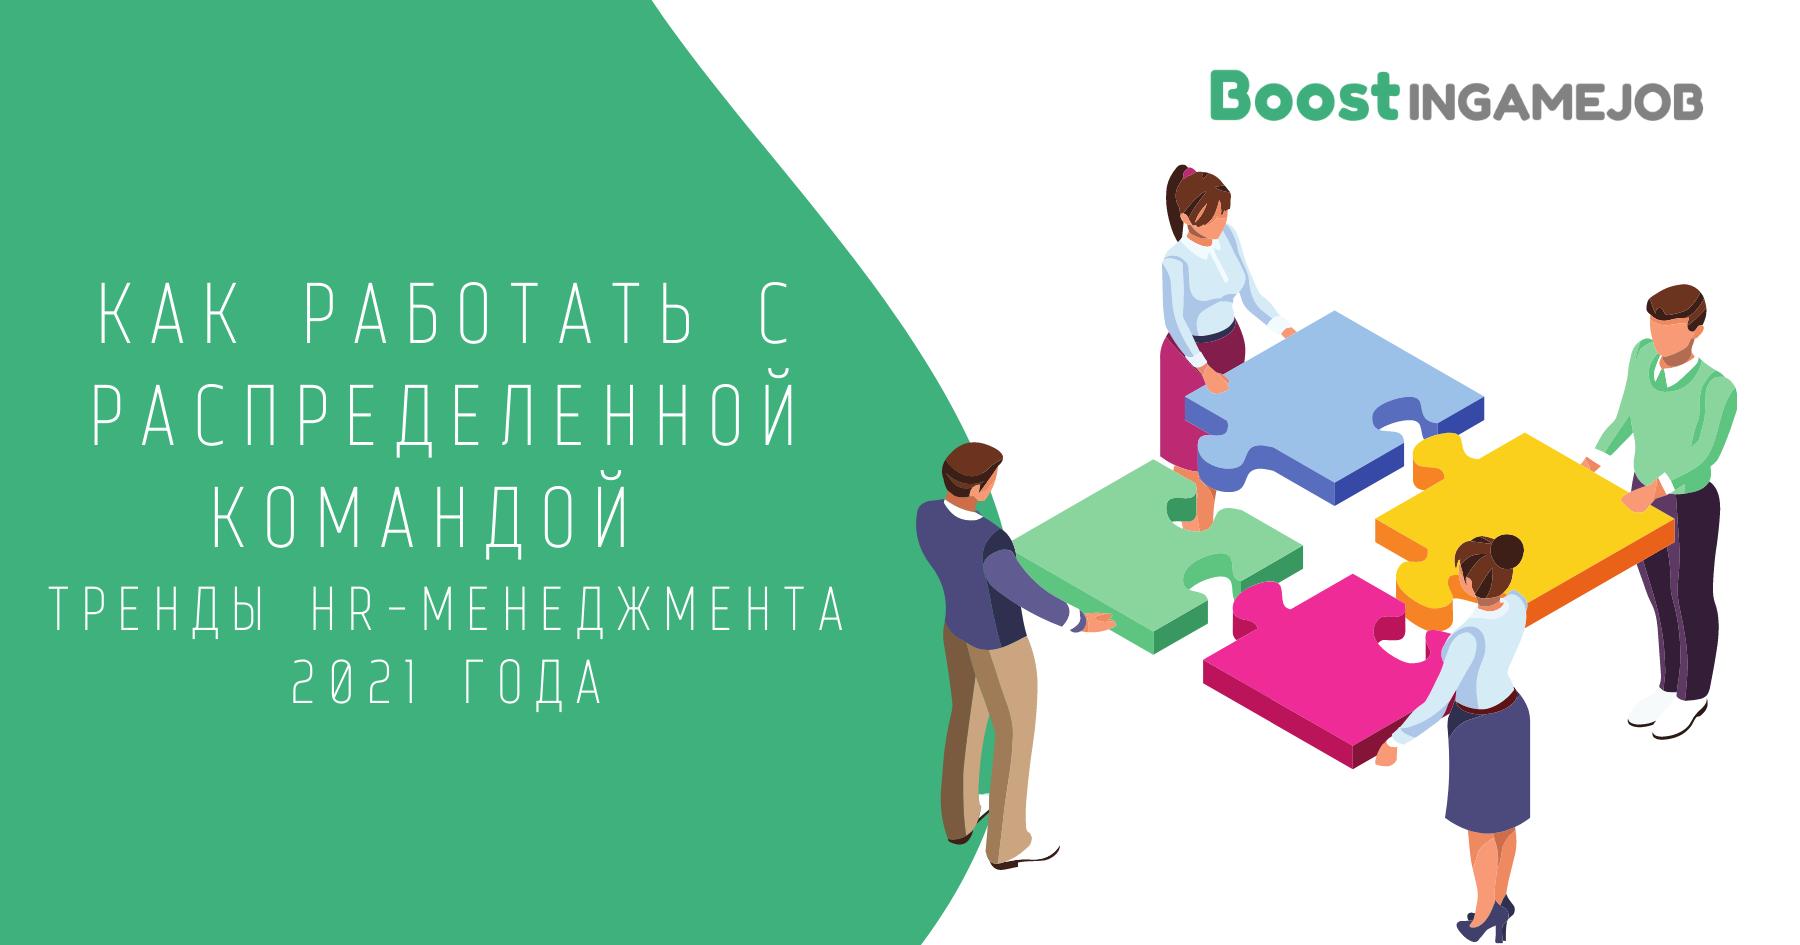 Как работать с распределённой командой. Тренды HR-менеджмента в 2021 - Boost InGame Job